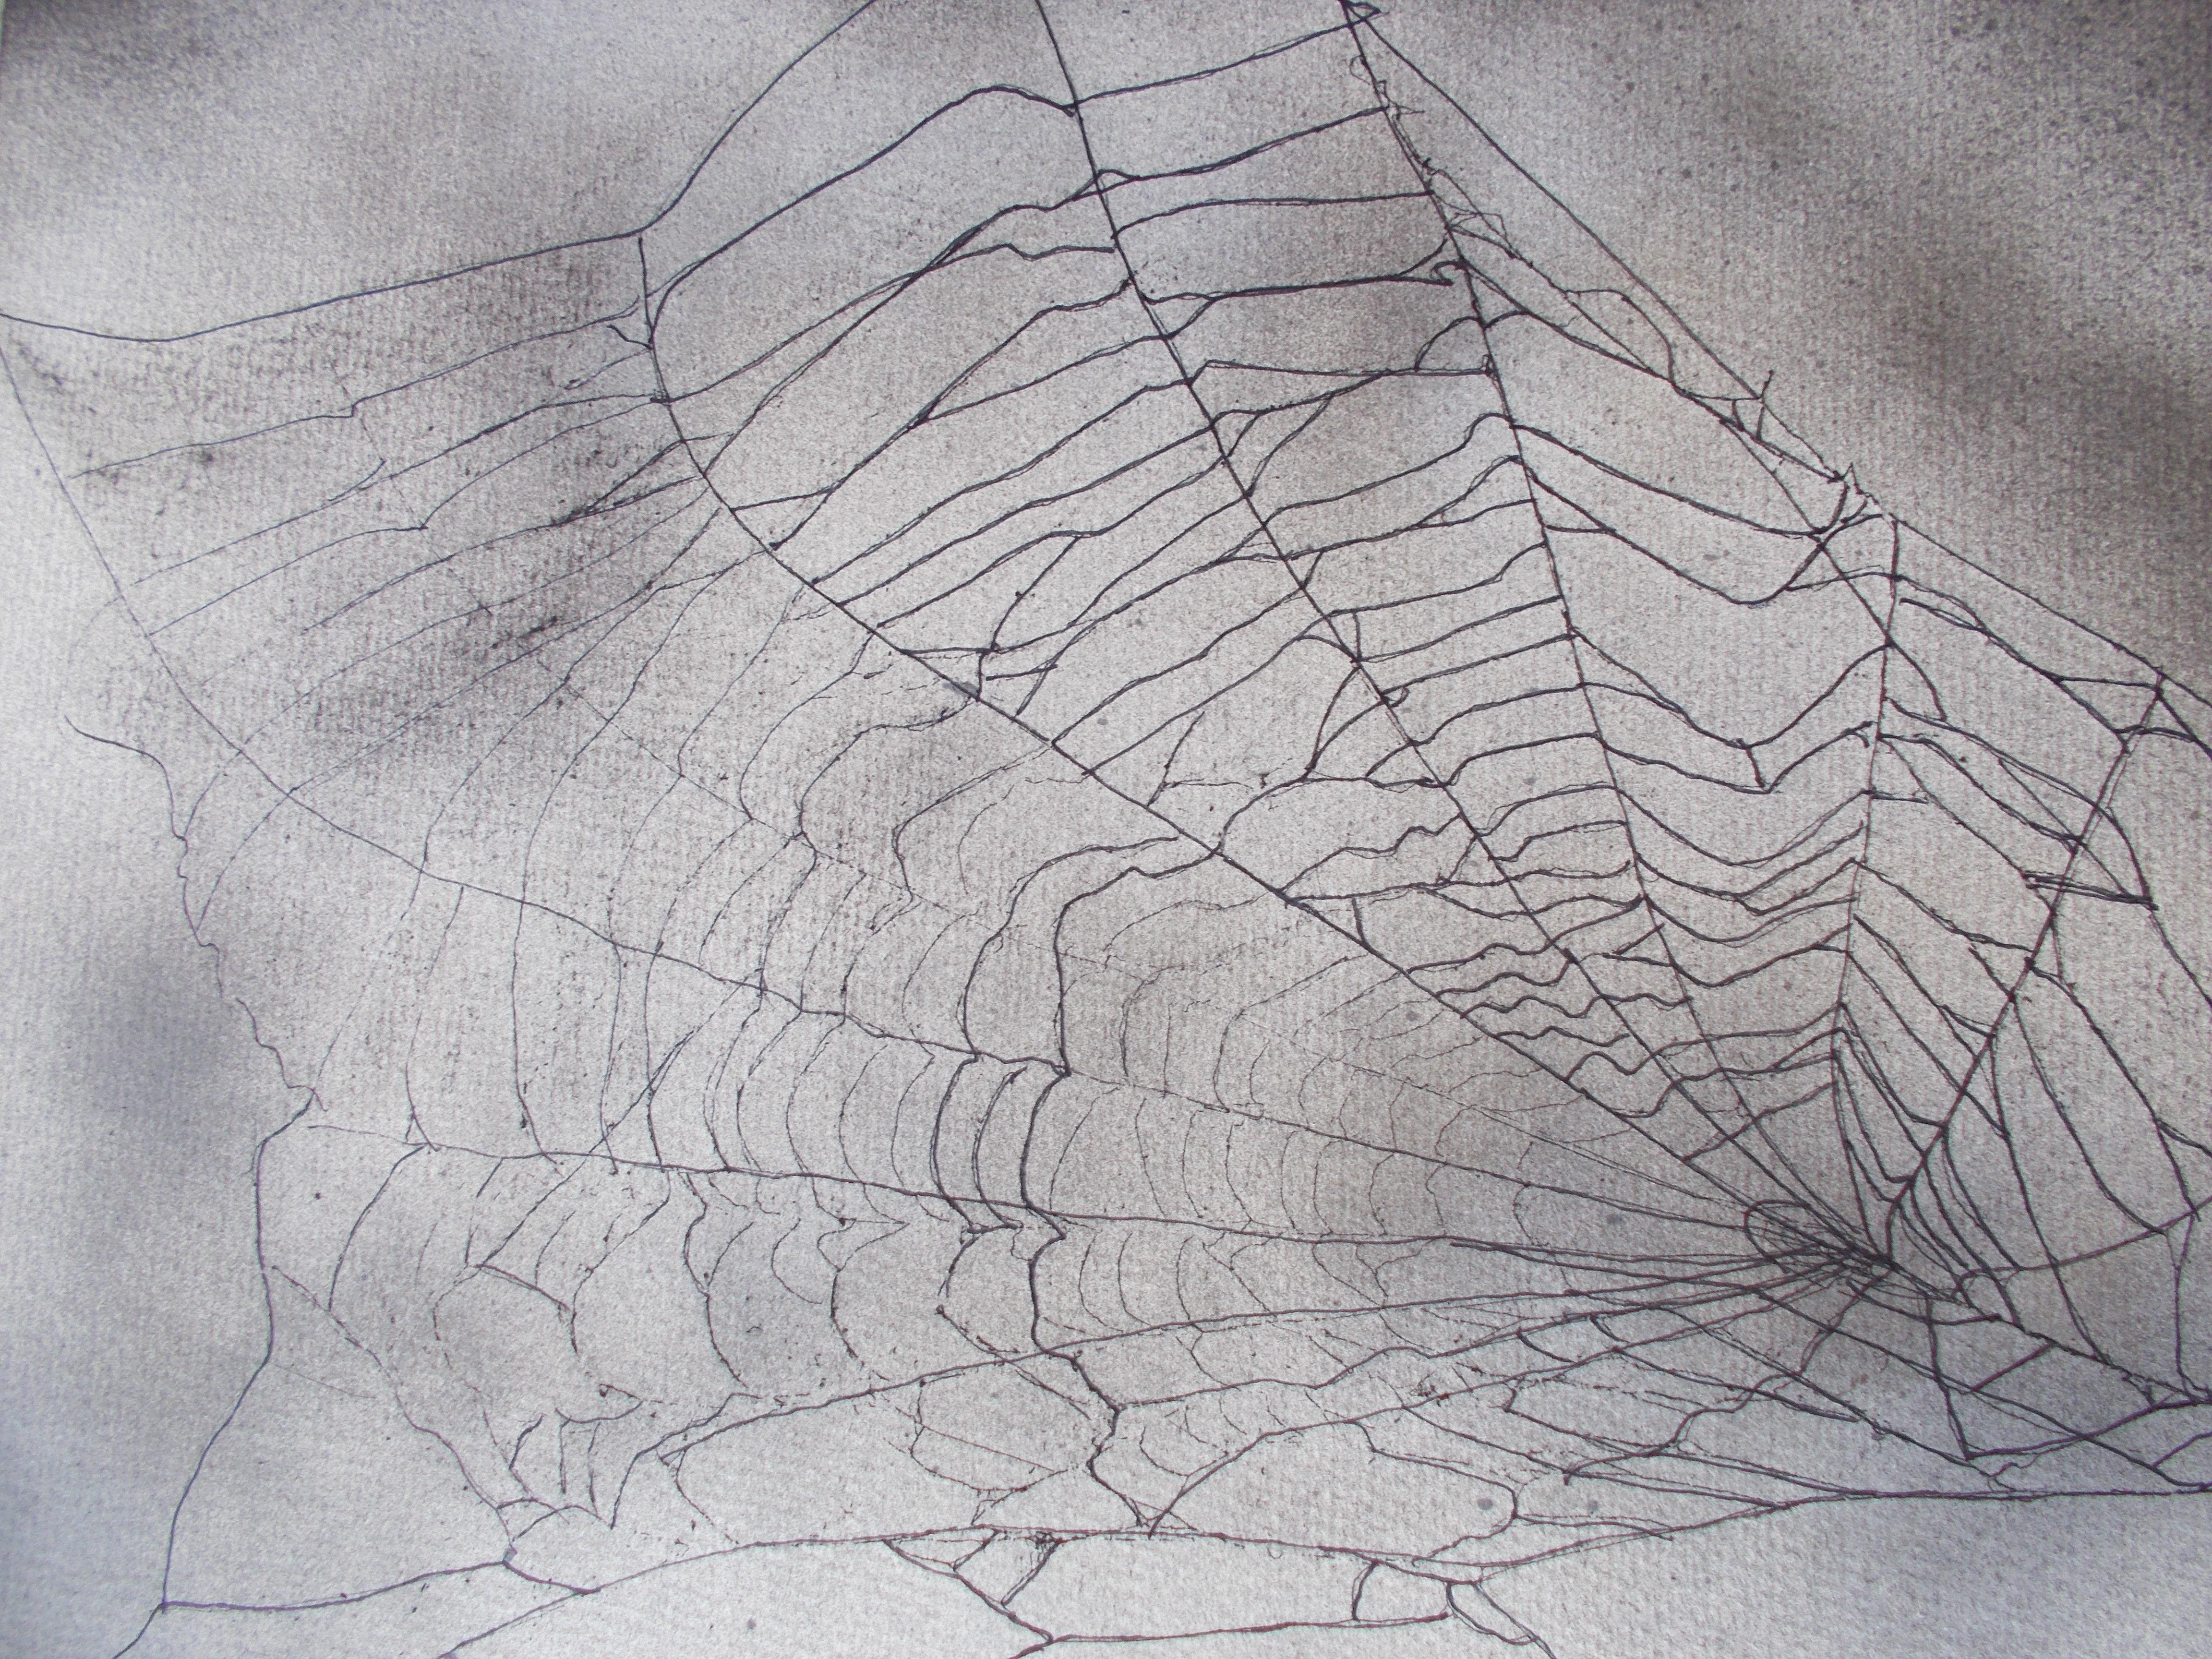 Netz in den Wolken